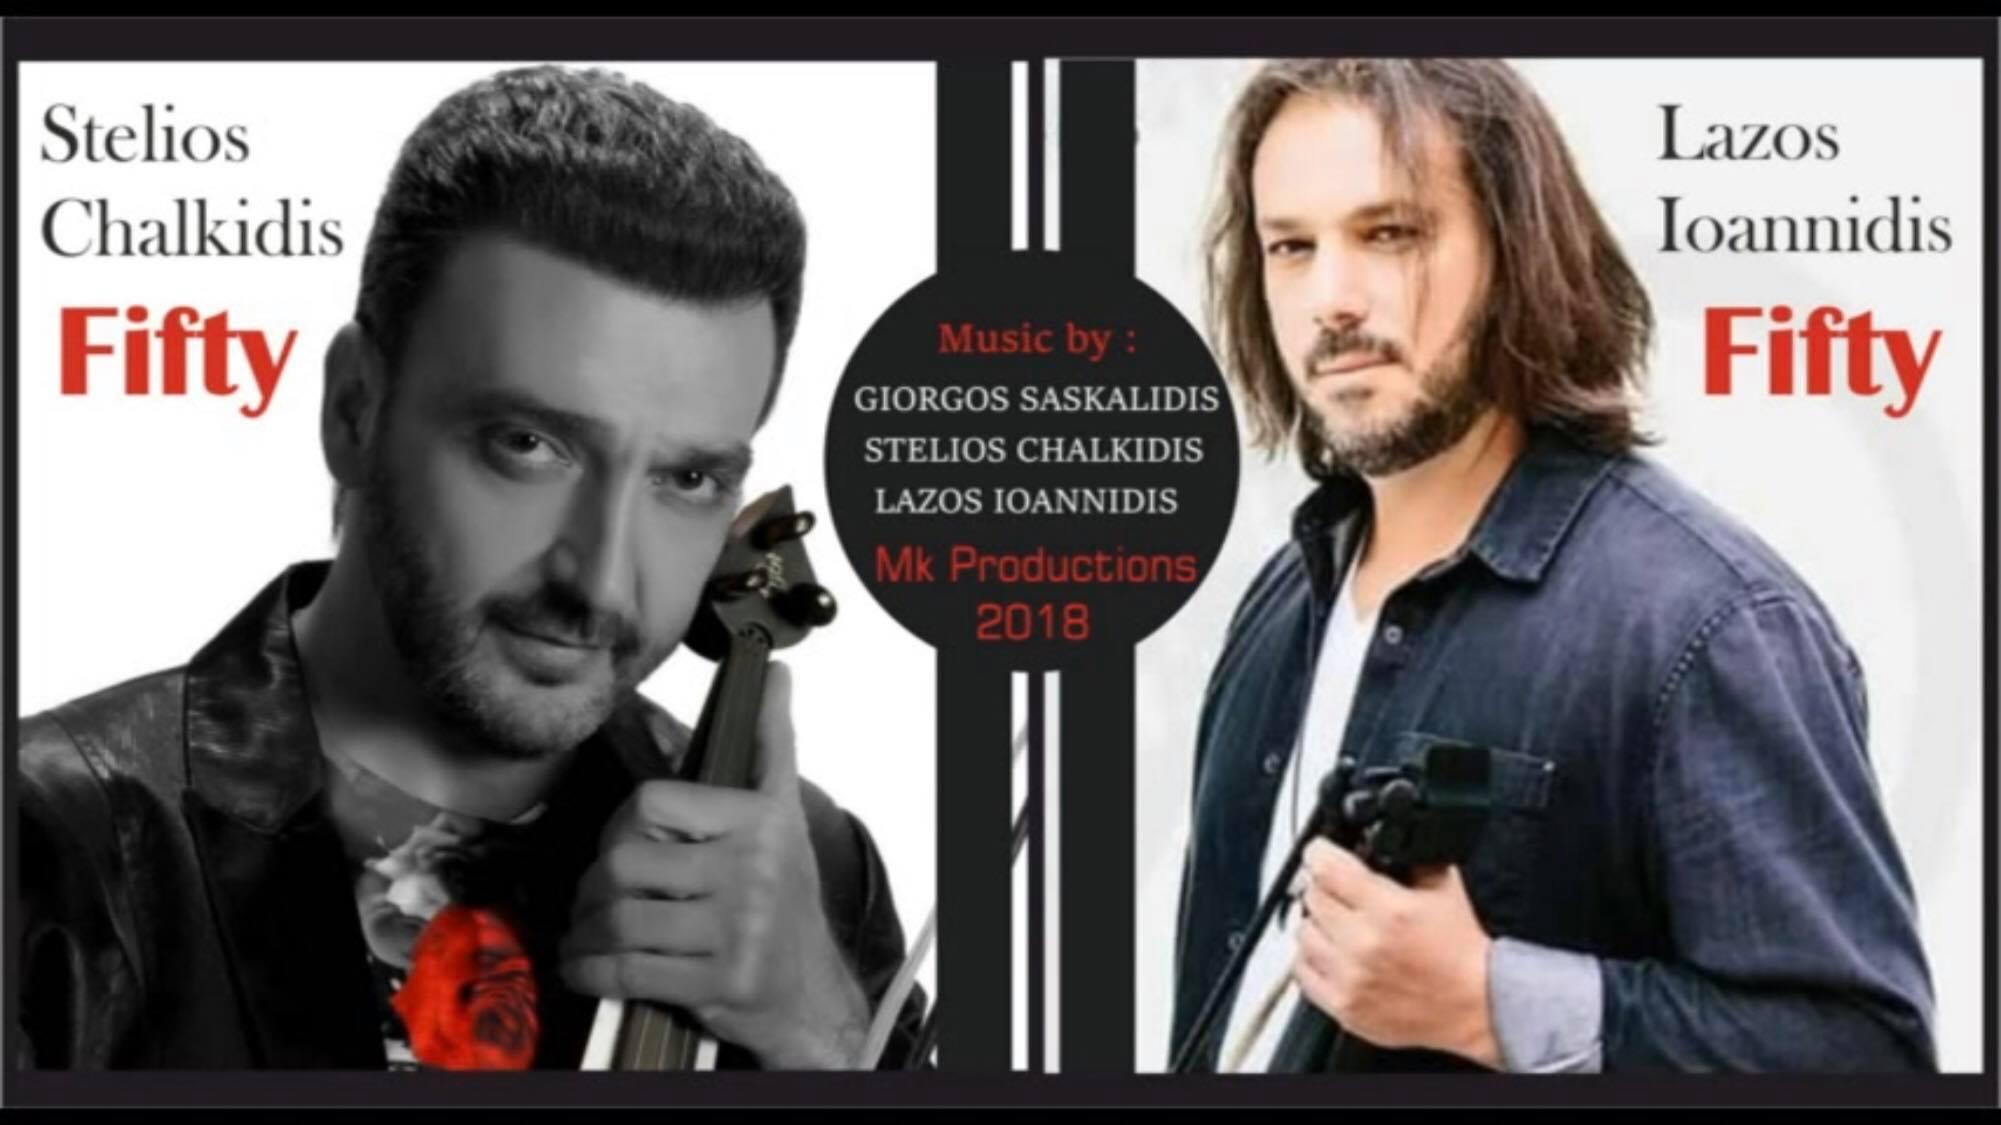 04/12/2018 ΒΙΝΤΕΟ ΤΗΣ ΗΜΕΡΑΣ: Fifty – Fifty: Stelios Chalkidis & Lazos Ioannidis